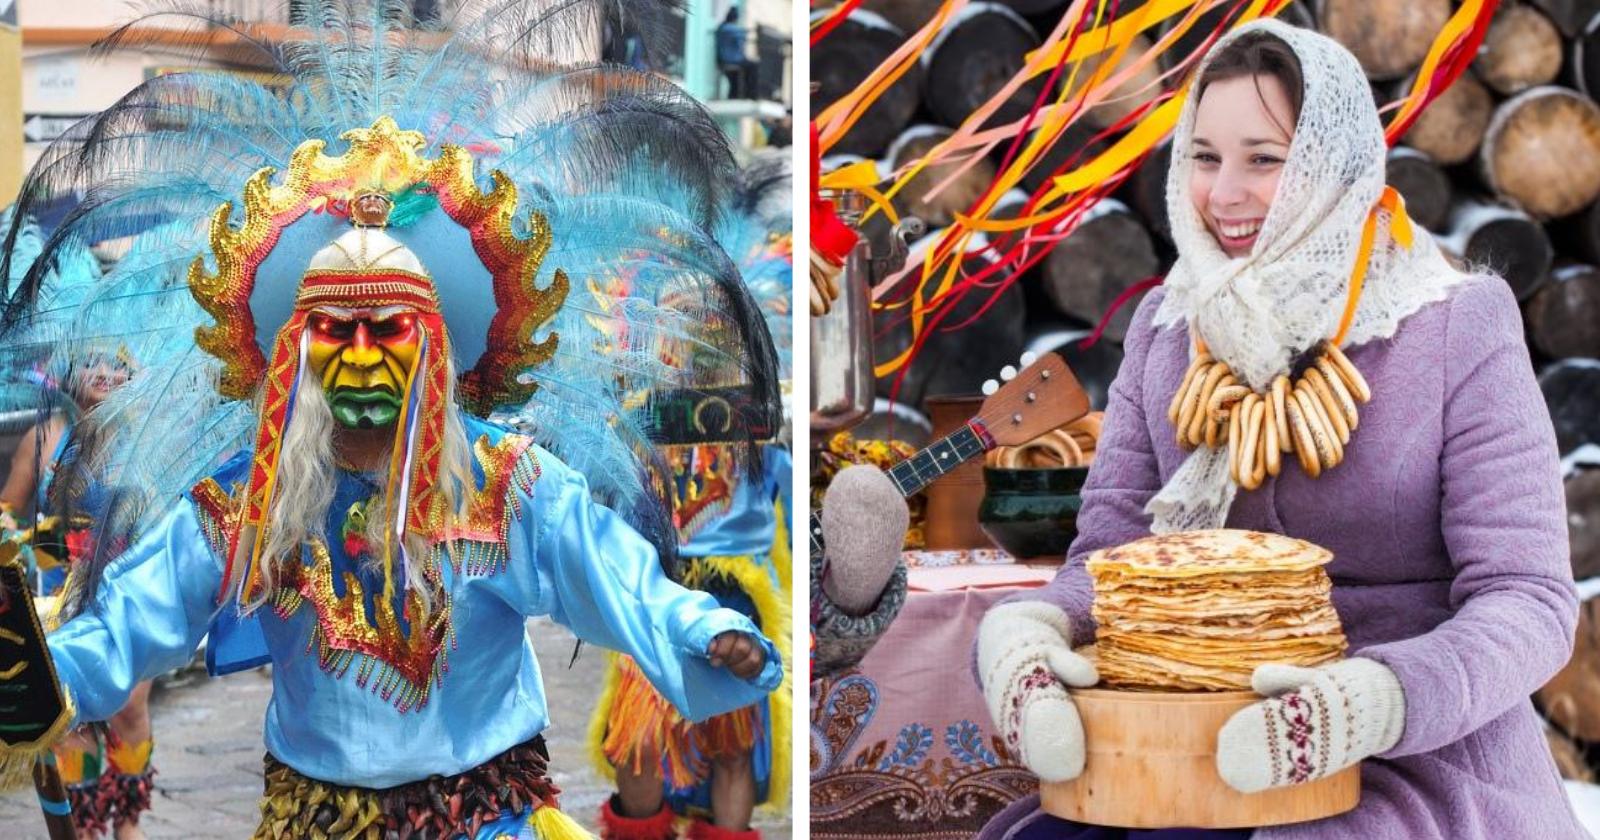 Existe carnaval em outros países? Conheça os costumes mais BIZARROS